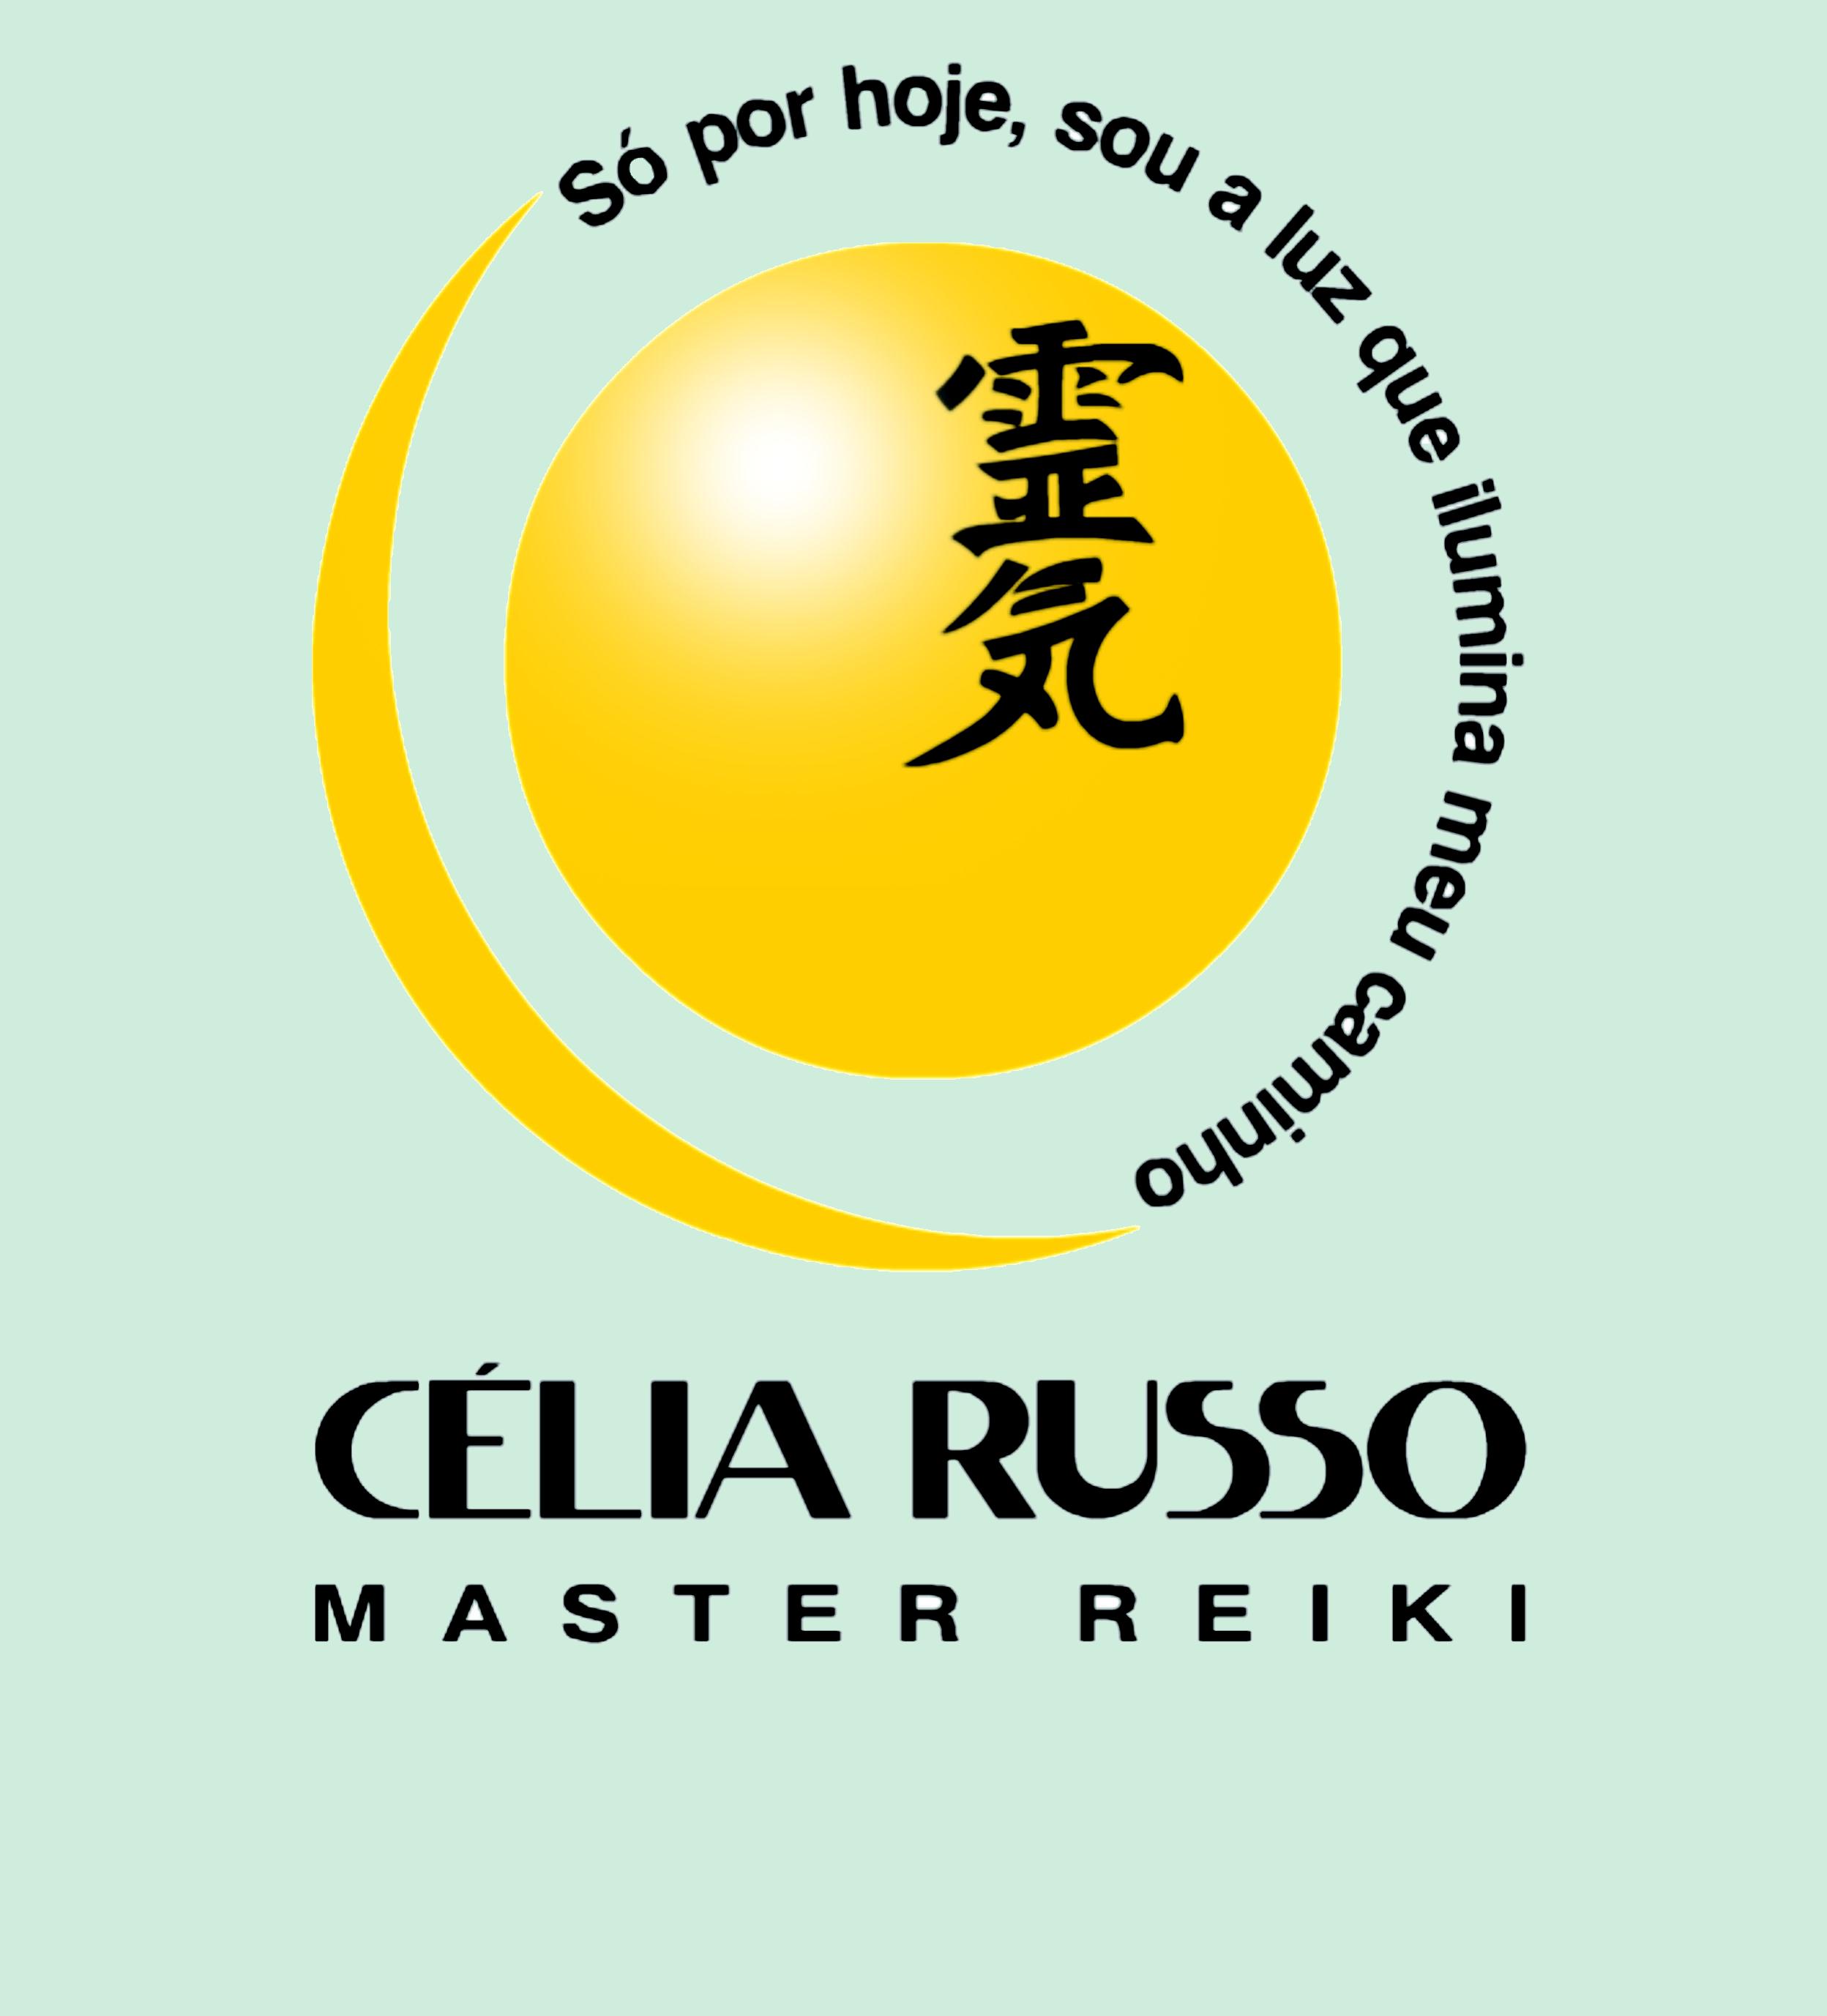 Célia Russo